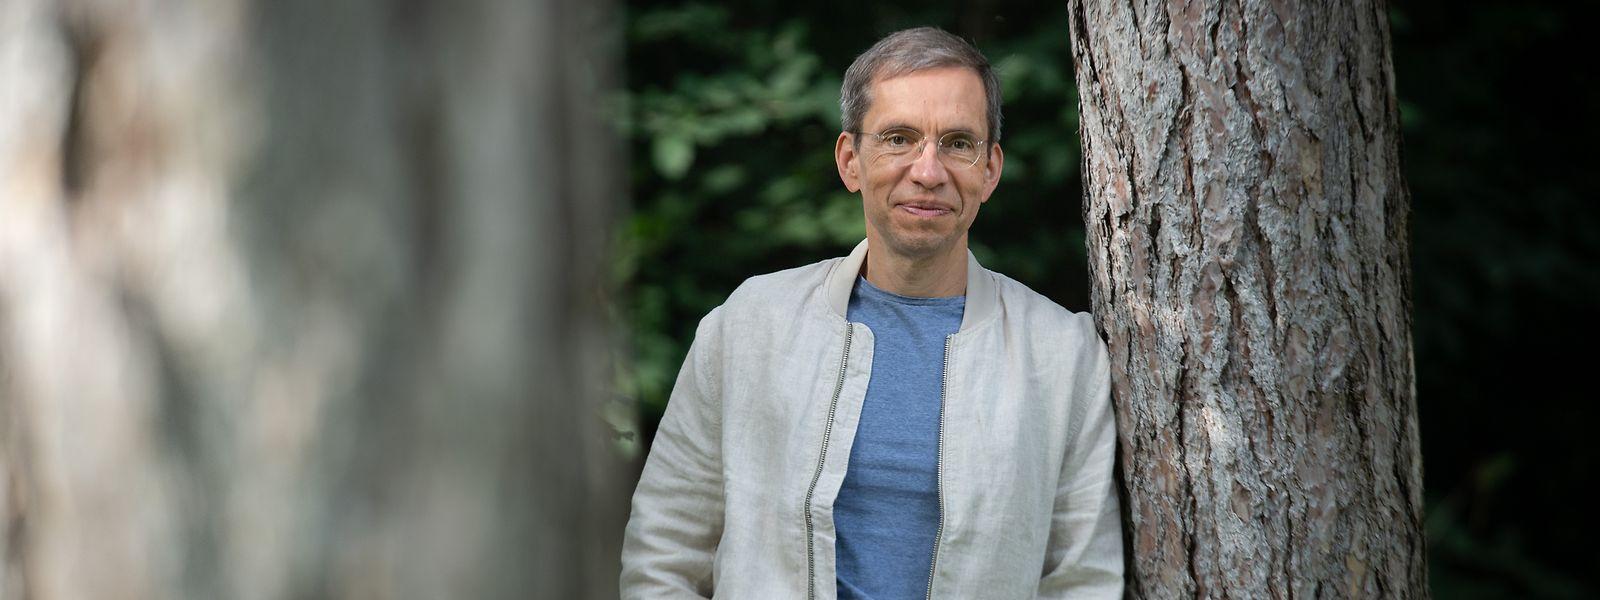 Keine Ausbildung und kein abgeschlossenes Studium: Jens Söring will in Zukunft unter anderem als Redner und Buchautor für sein Einkommen sorgen.